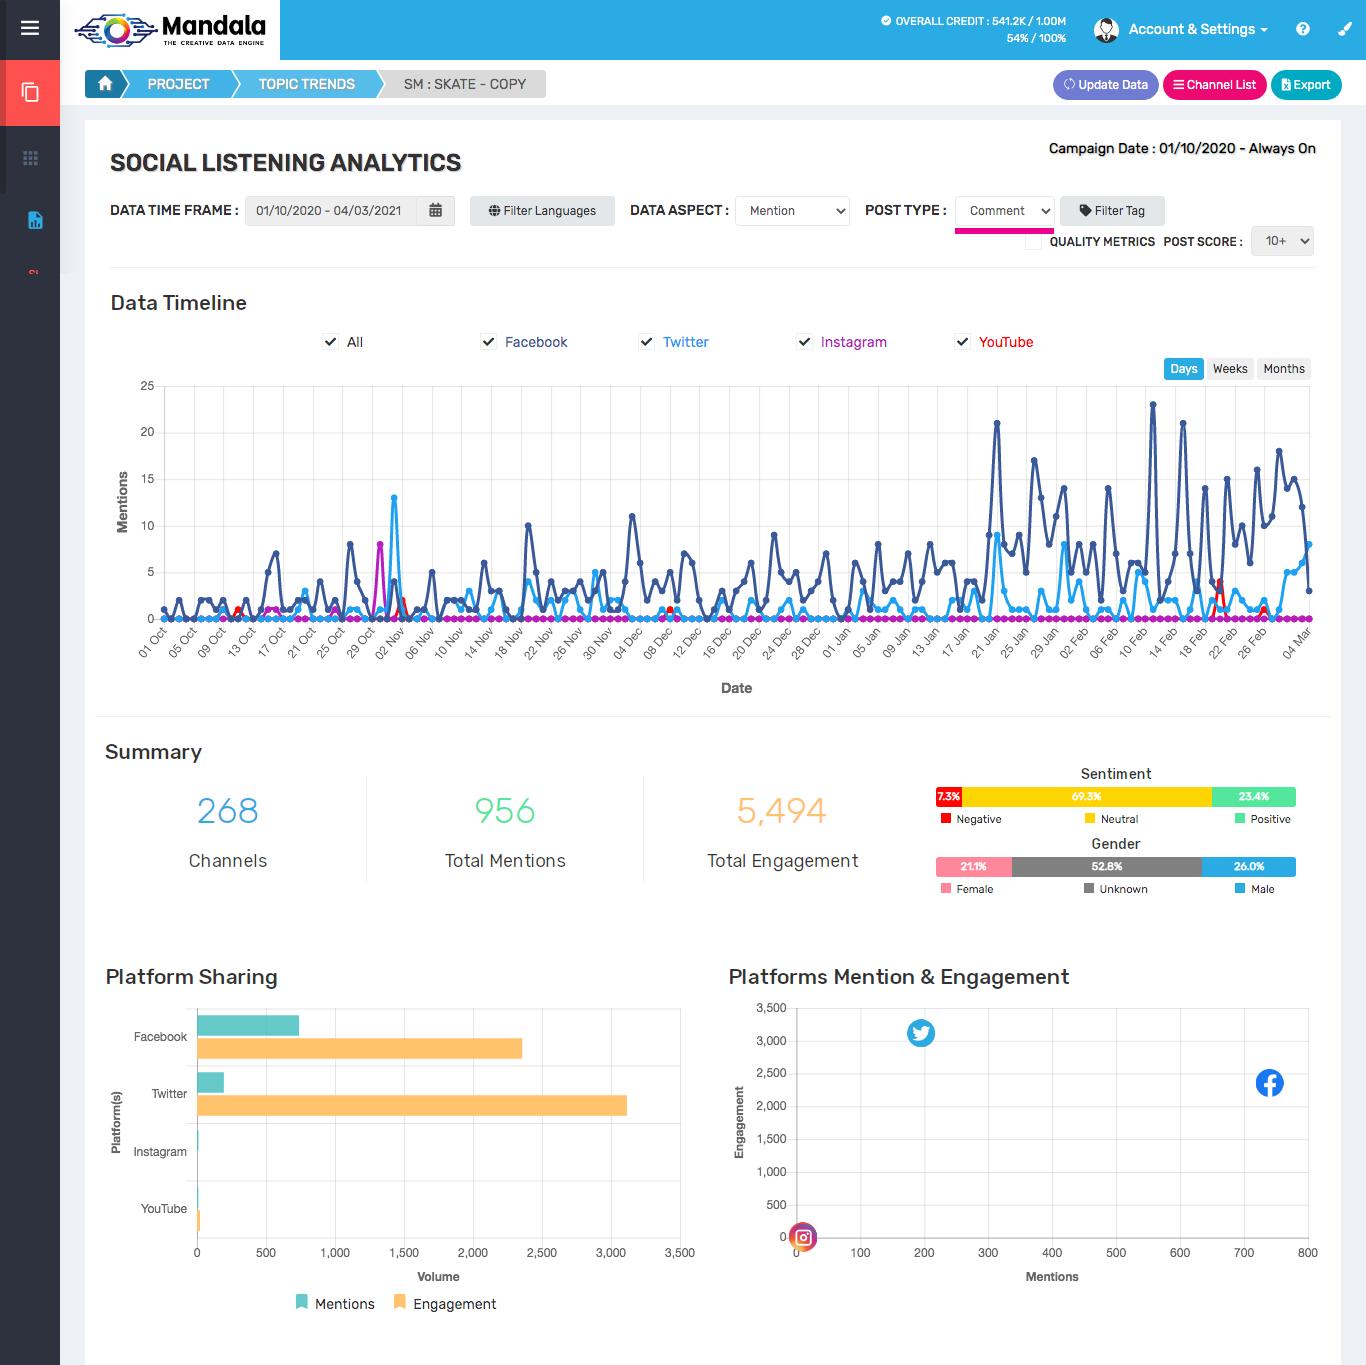 เจาะลึกเทรนด์ Surf Skate Board Trend หรือเซิร์ฟสเก็ตบอร์ดที่กำลังโด่งดังเป็นกระแสในไทย ด้วย Mandala Analytics Social Listening Tool